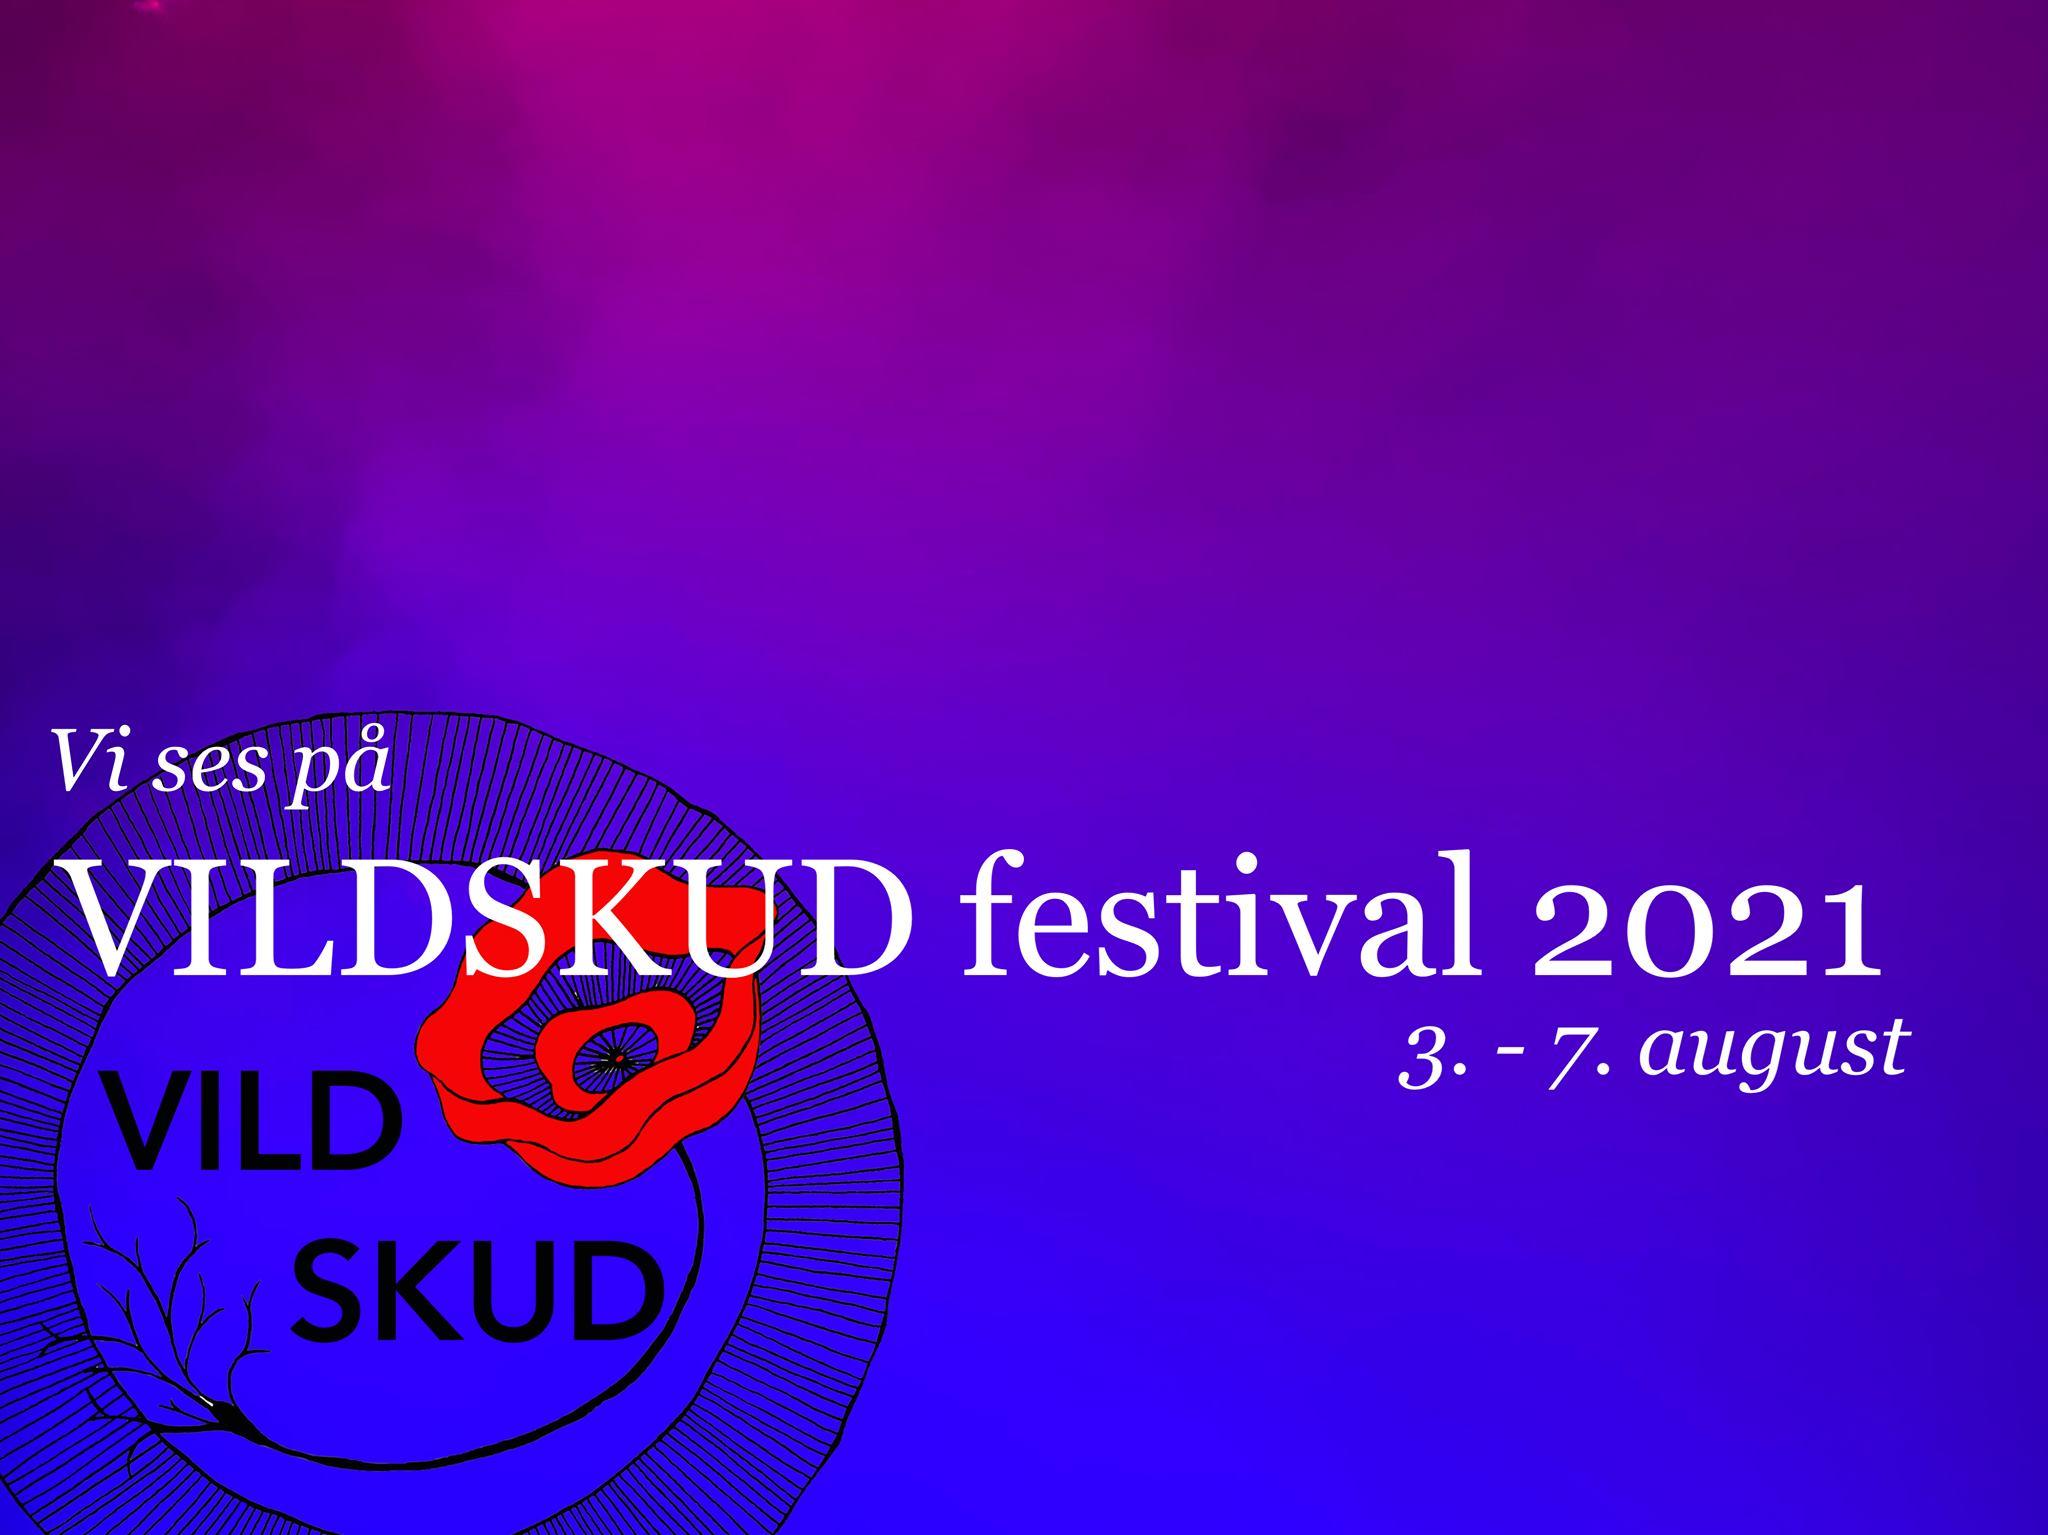 Vildskud Festival